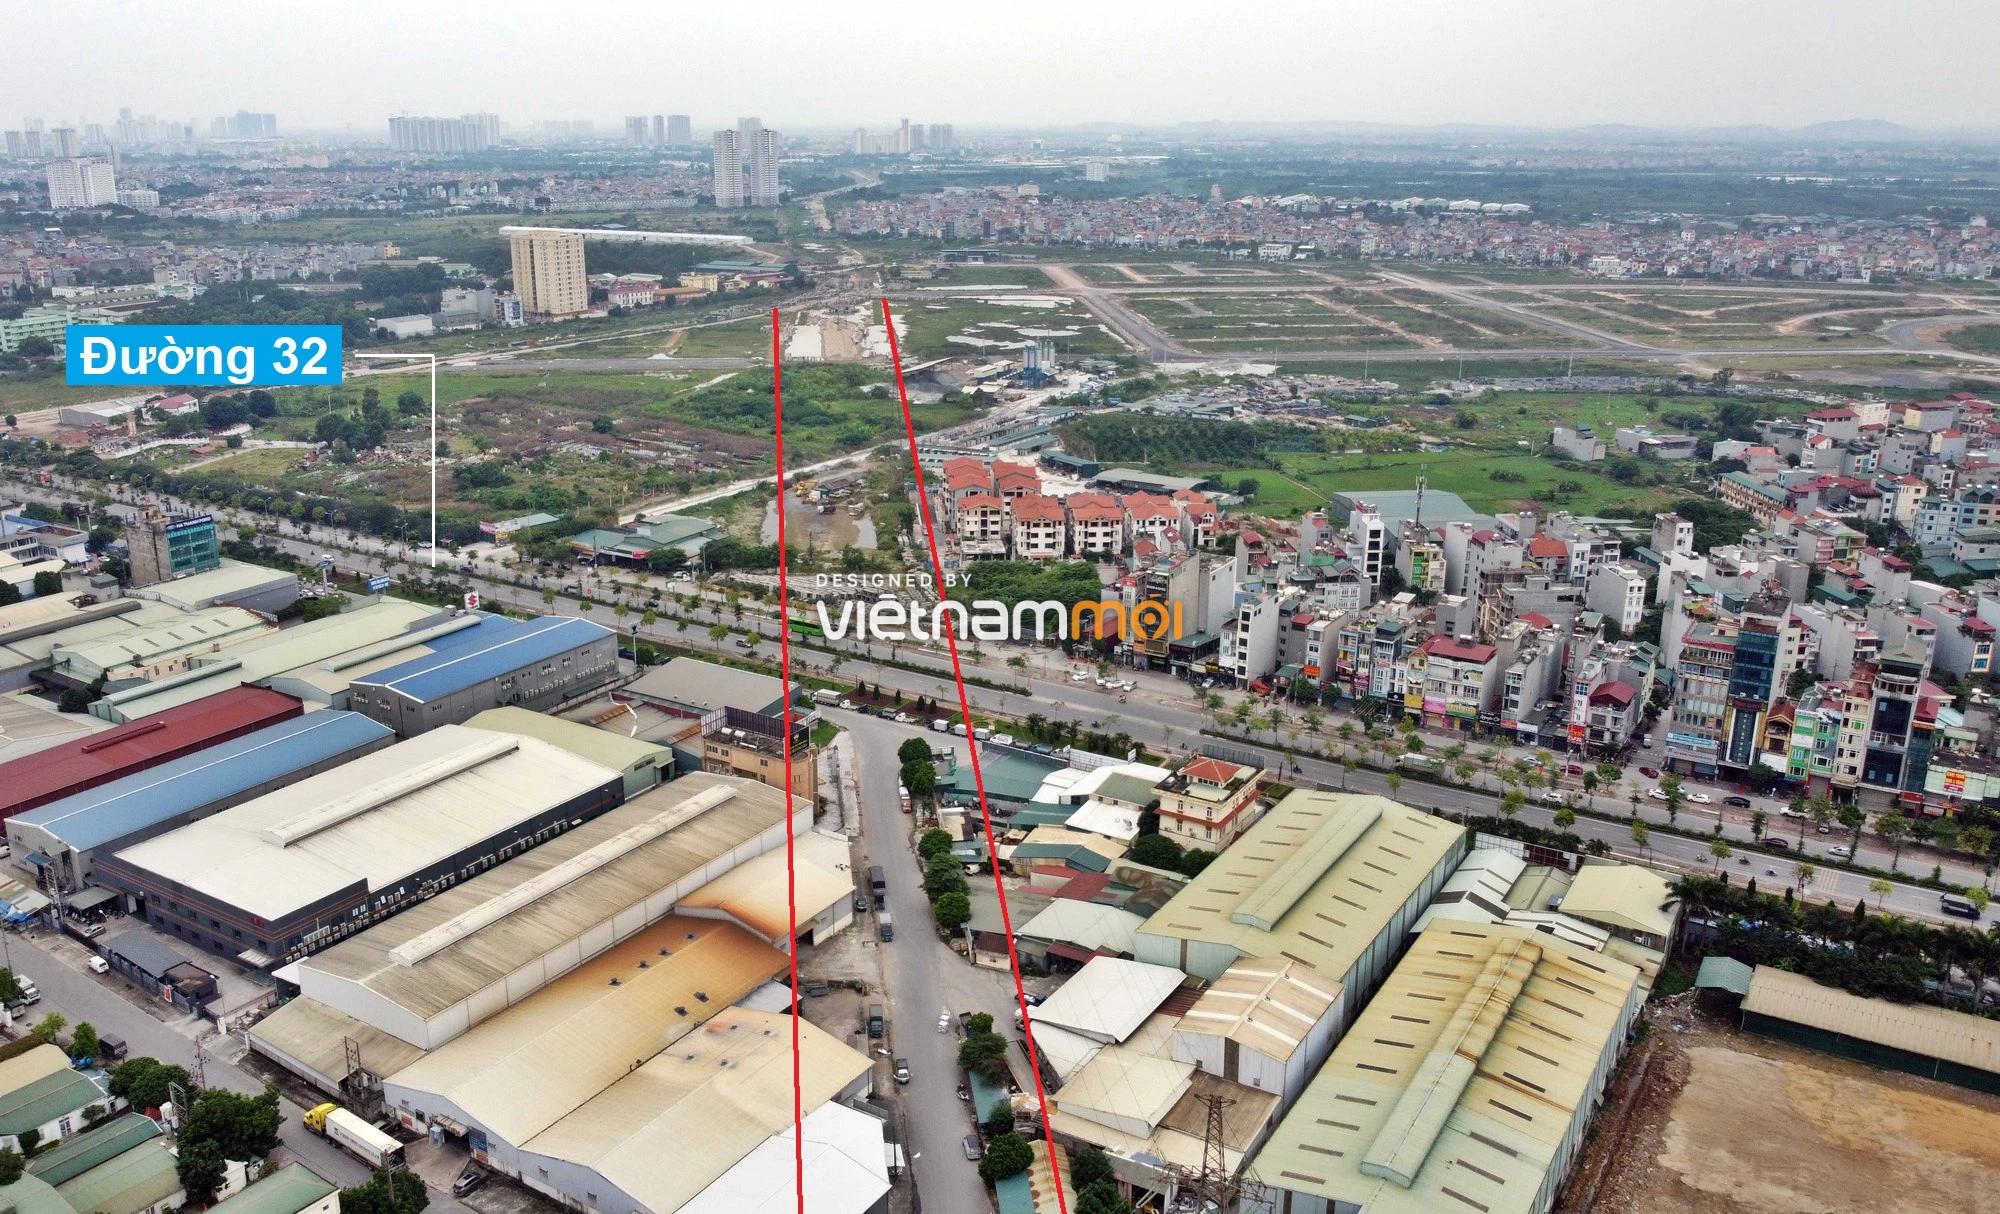 Đường Vành đai 3,5 sẽ mở theo quy hoạch qua quận Bắc Từ Liêm, Hà Nội - Ảnh 2.